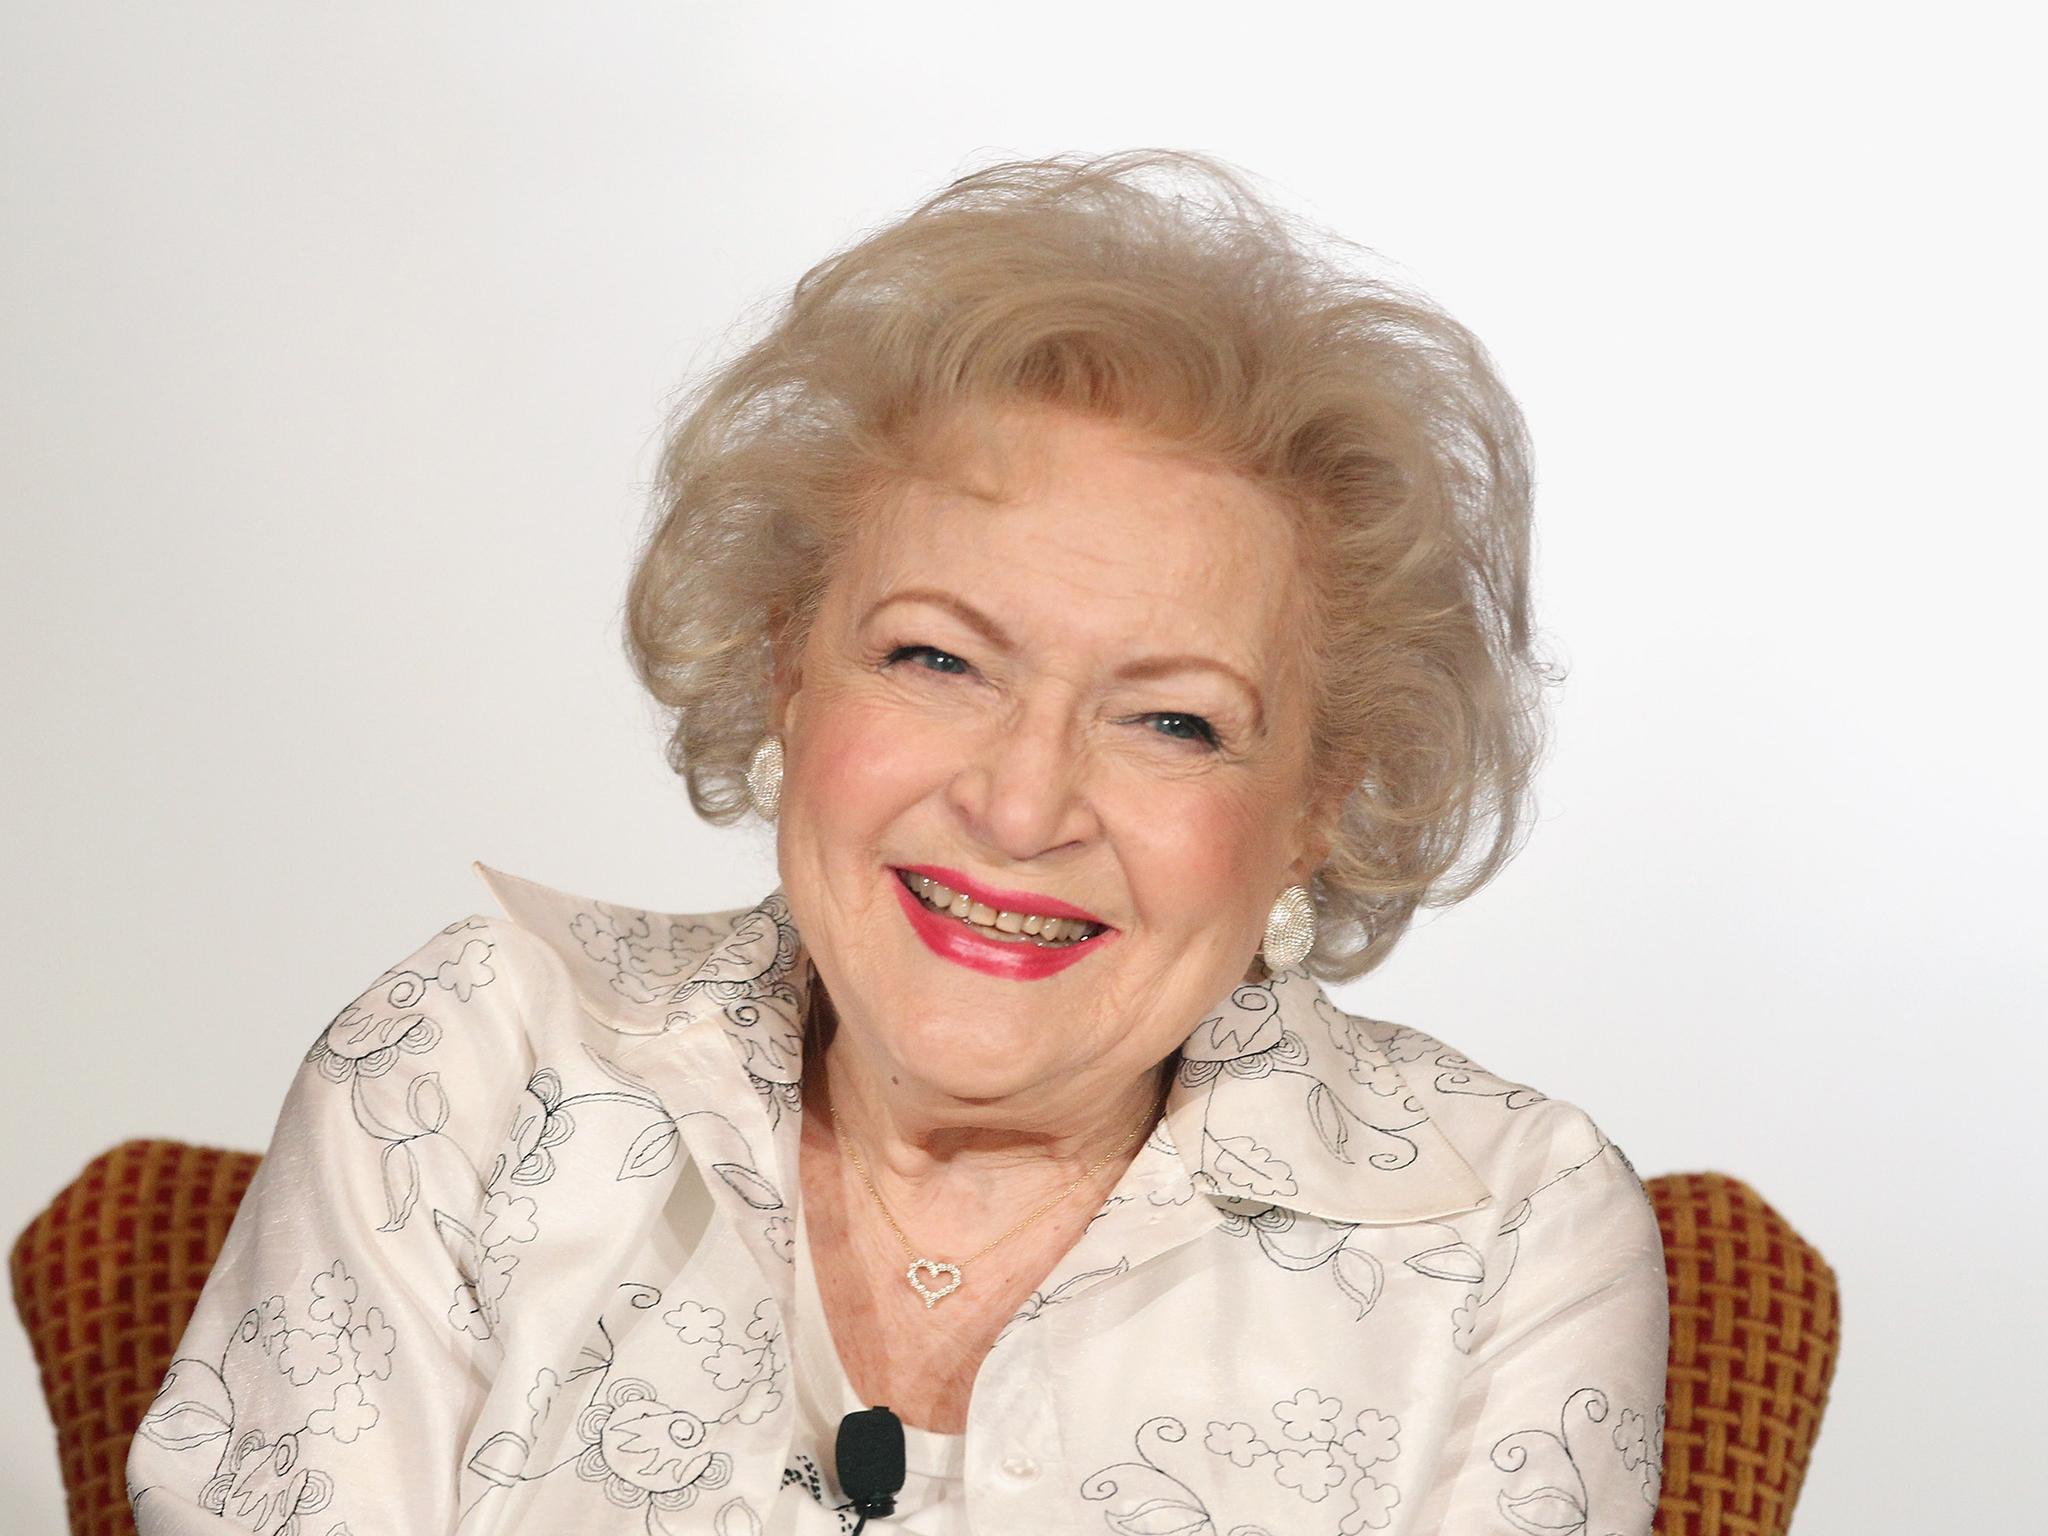 20. Betty White